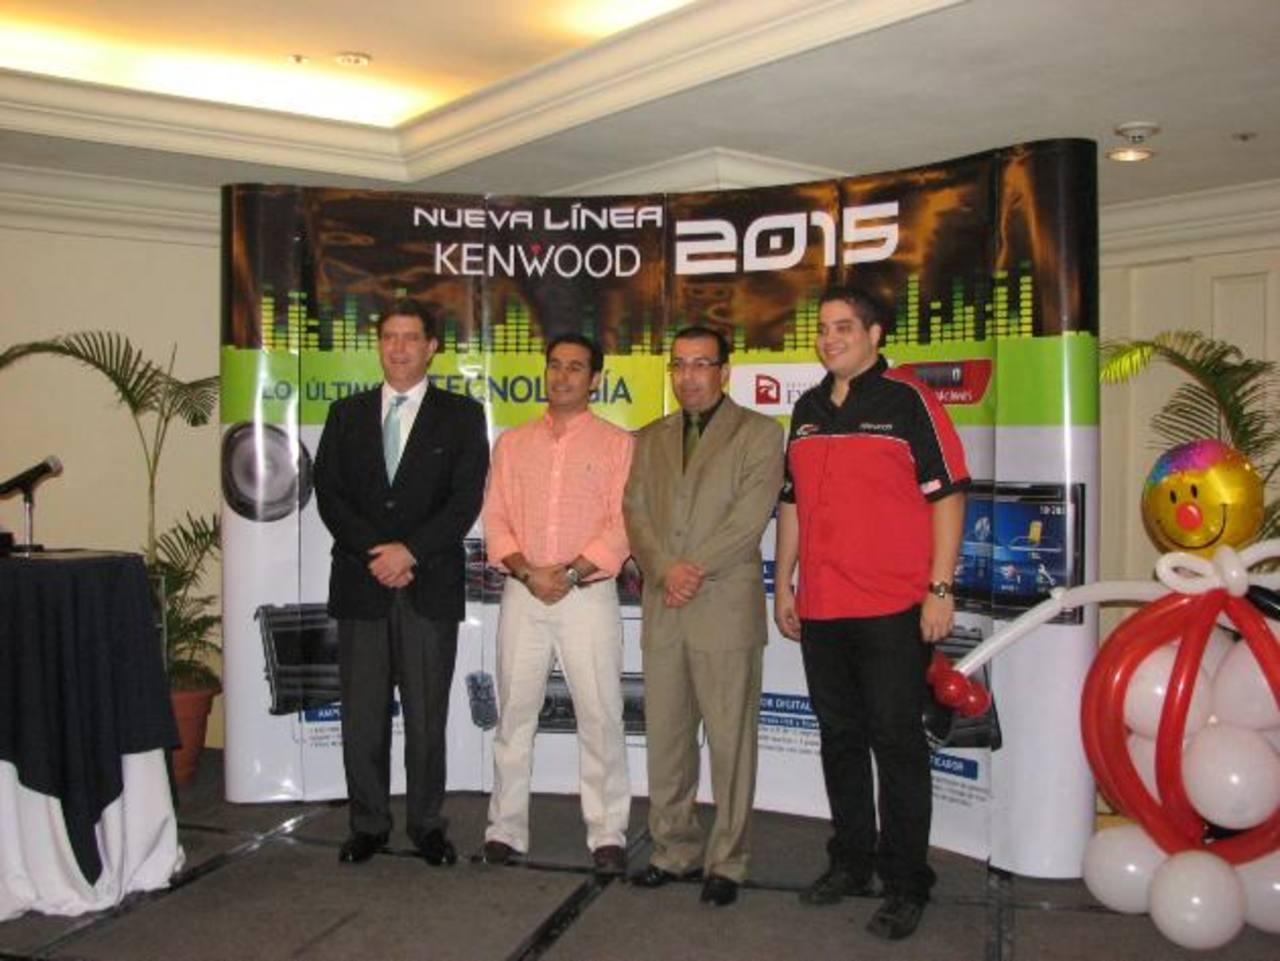 Representantes de Excel Automotriz presentaron la nueva línea de productos Kenwood. Foto EDH / Cortesía.